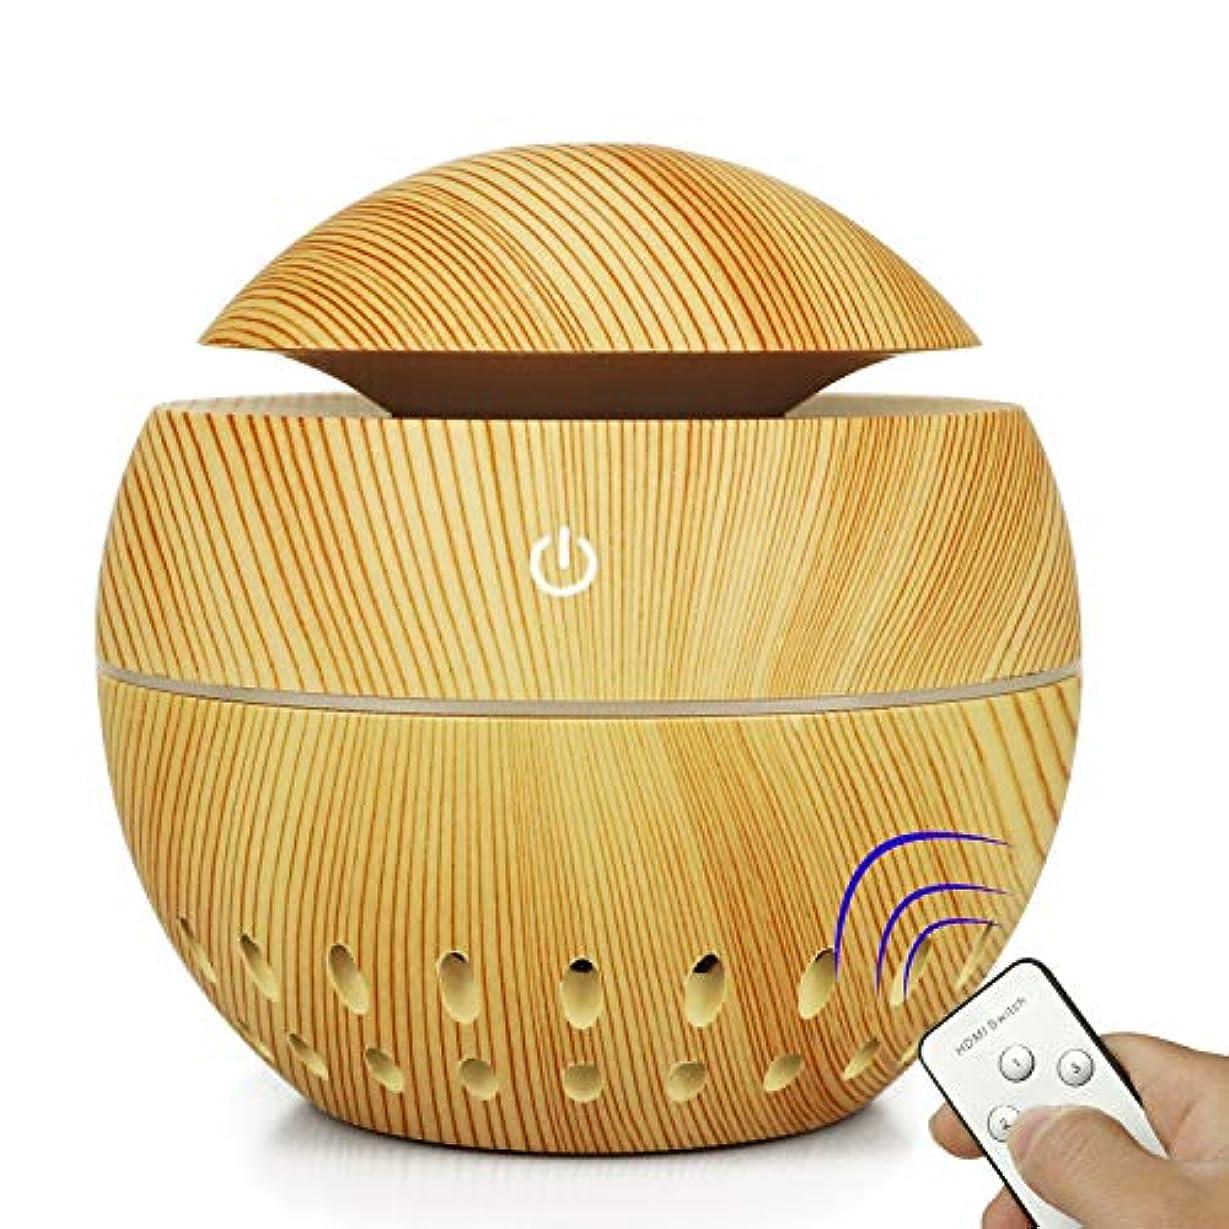 美的レガシーホステス加湿器USBウッドグレイン中空加湿器きのこ総本店小型家電 (Color : Brass, Size : 100MM*105MM)